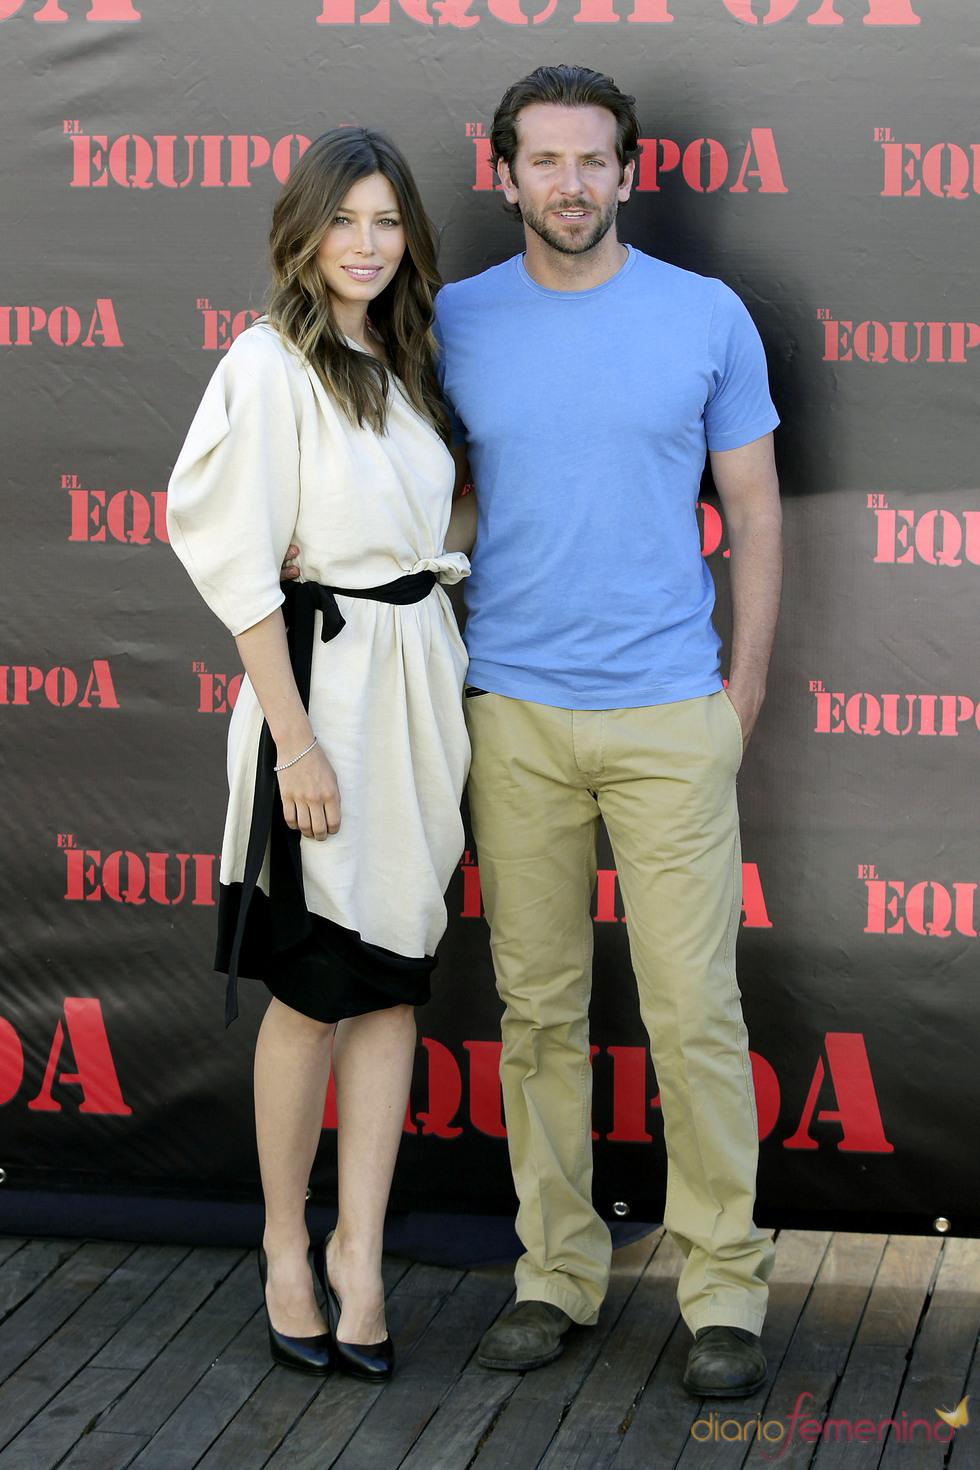 Bradley Cooper y Jessica Biel visitan España para promocionar 'El equipo A'